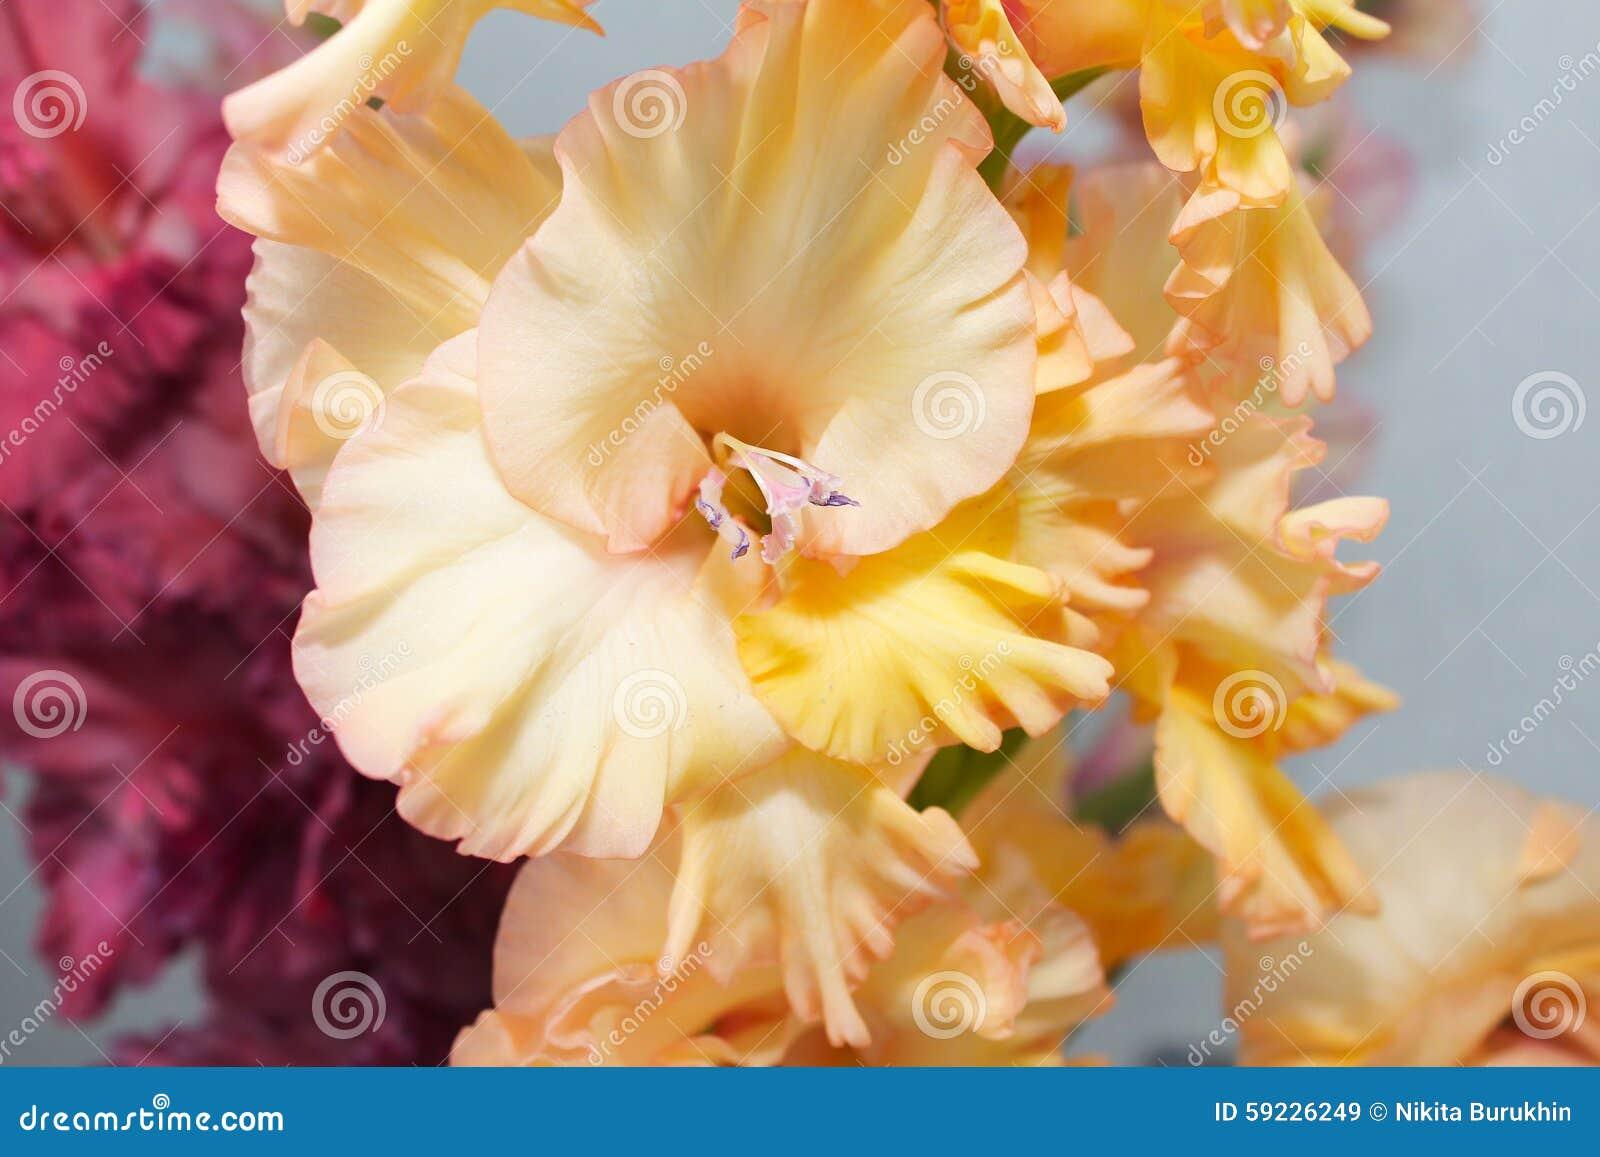 Download Gladiolo amarillo imagen de archivo. Imagen de estambre - 59226249